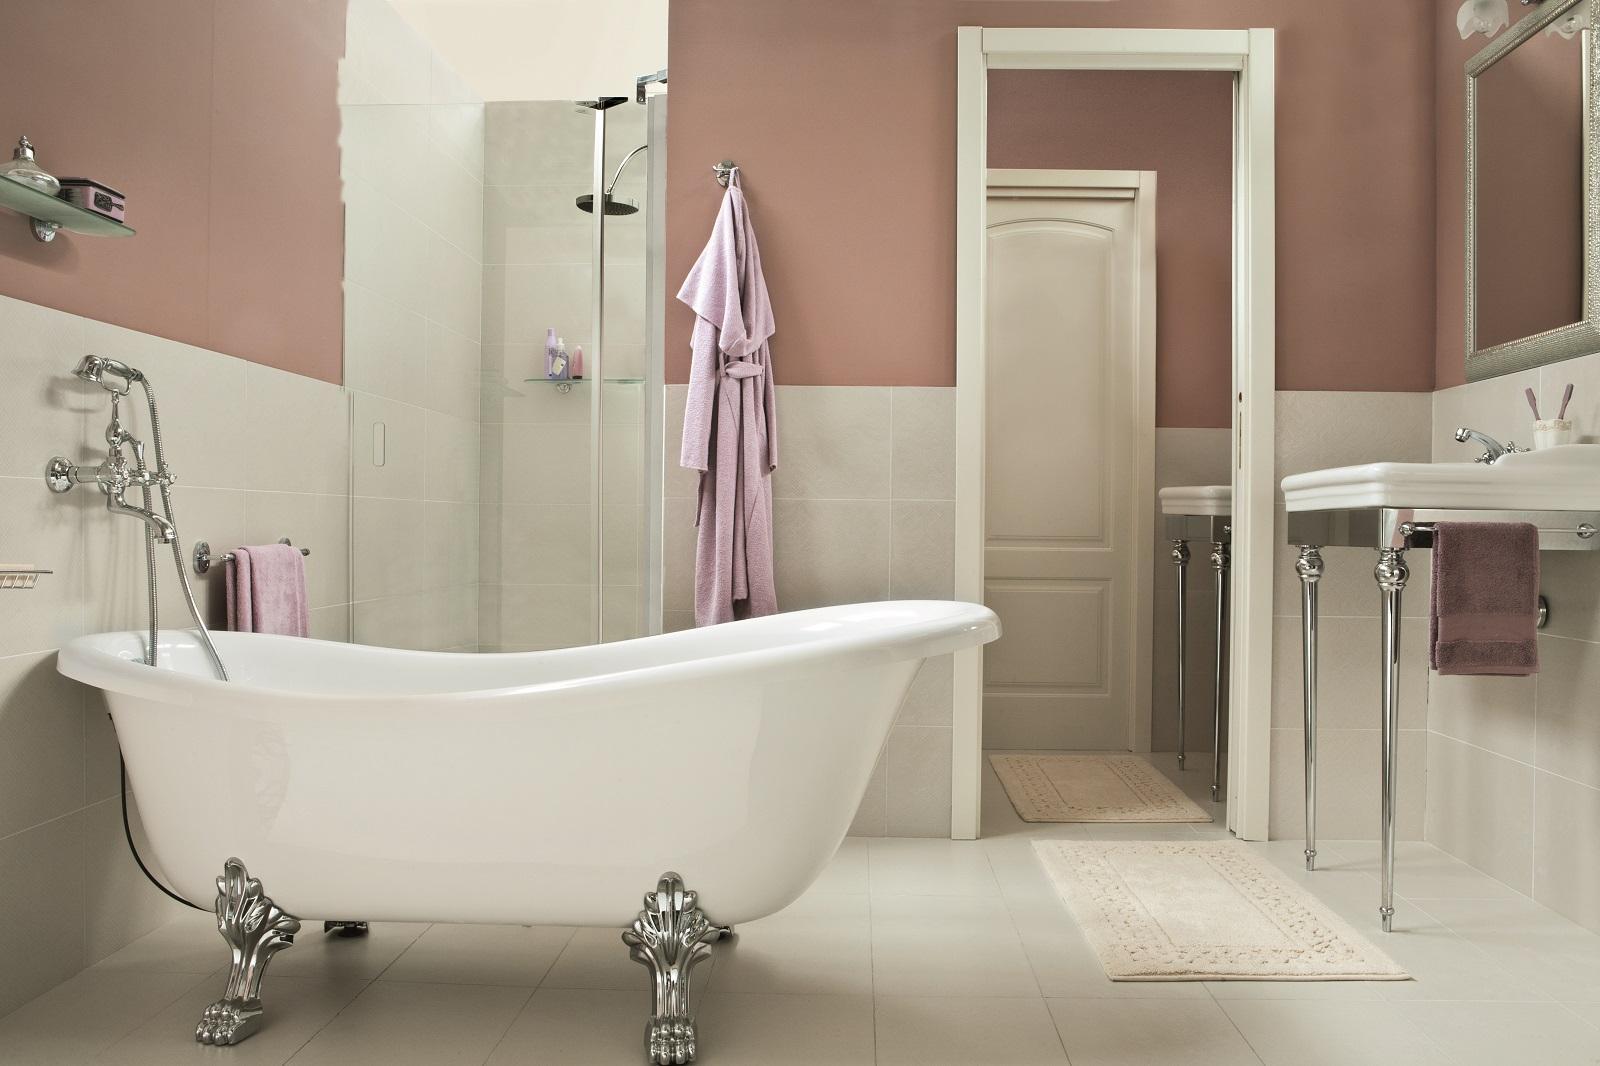 Le vasche da bagno non sono realizzate soltanto in acrilico - Vasche da bagno leroy merlin ...